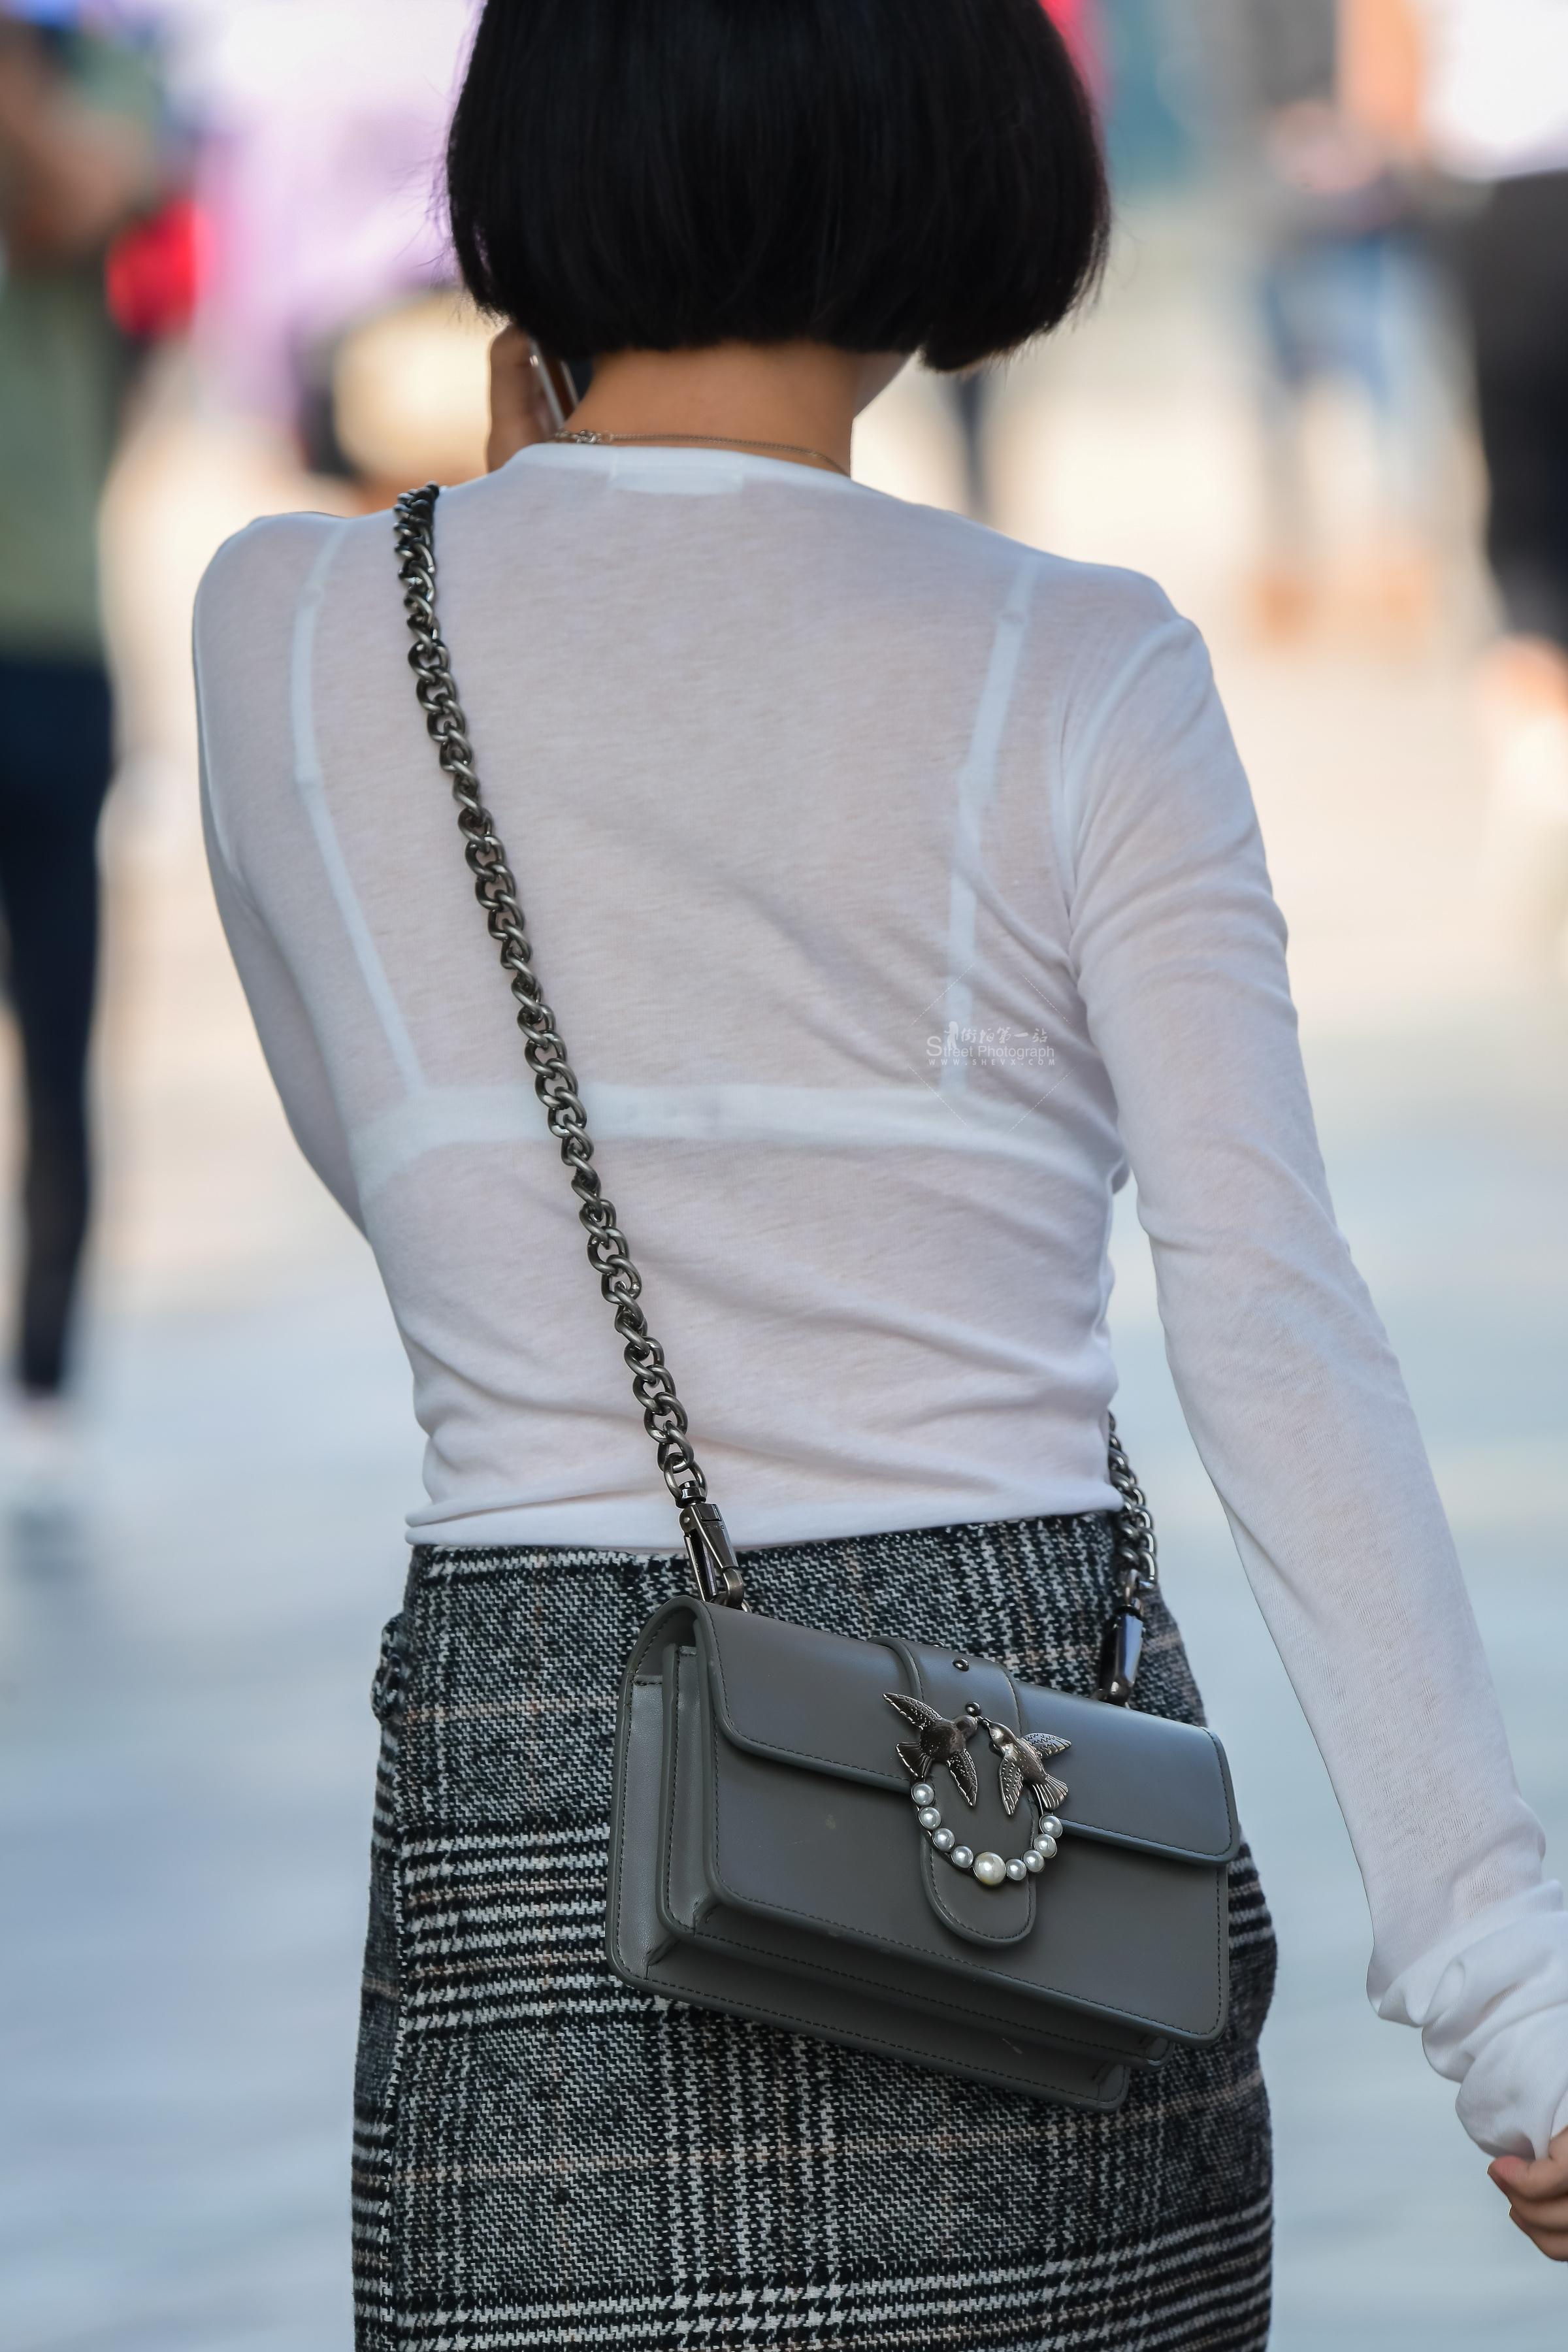 这个上衣街拍高跟美女腿很美,背影太有魅力 - 特约名家街拍- 街拍第一站